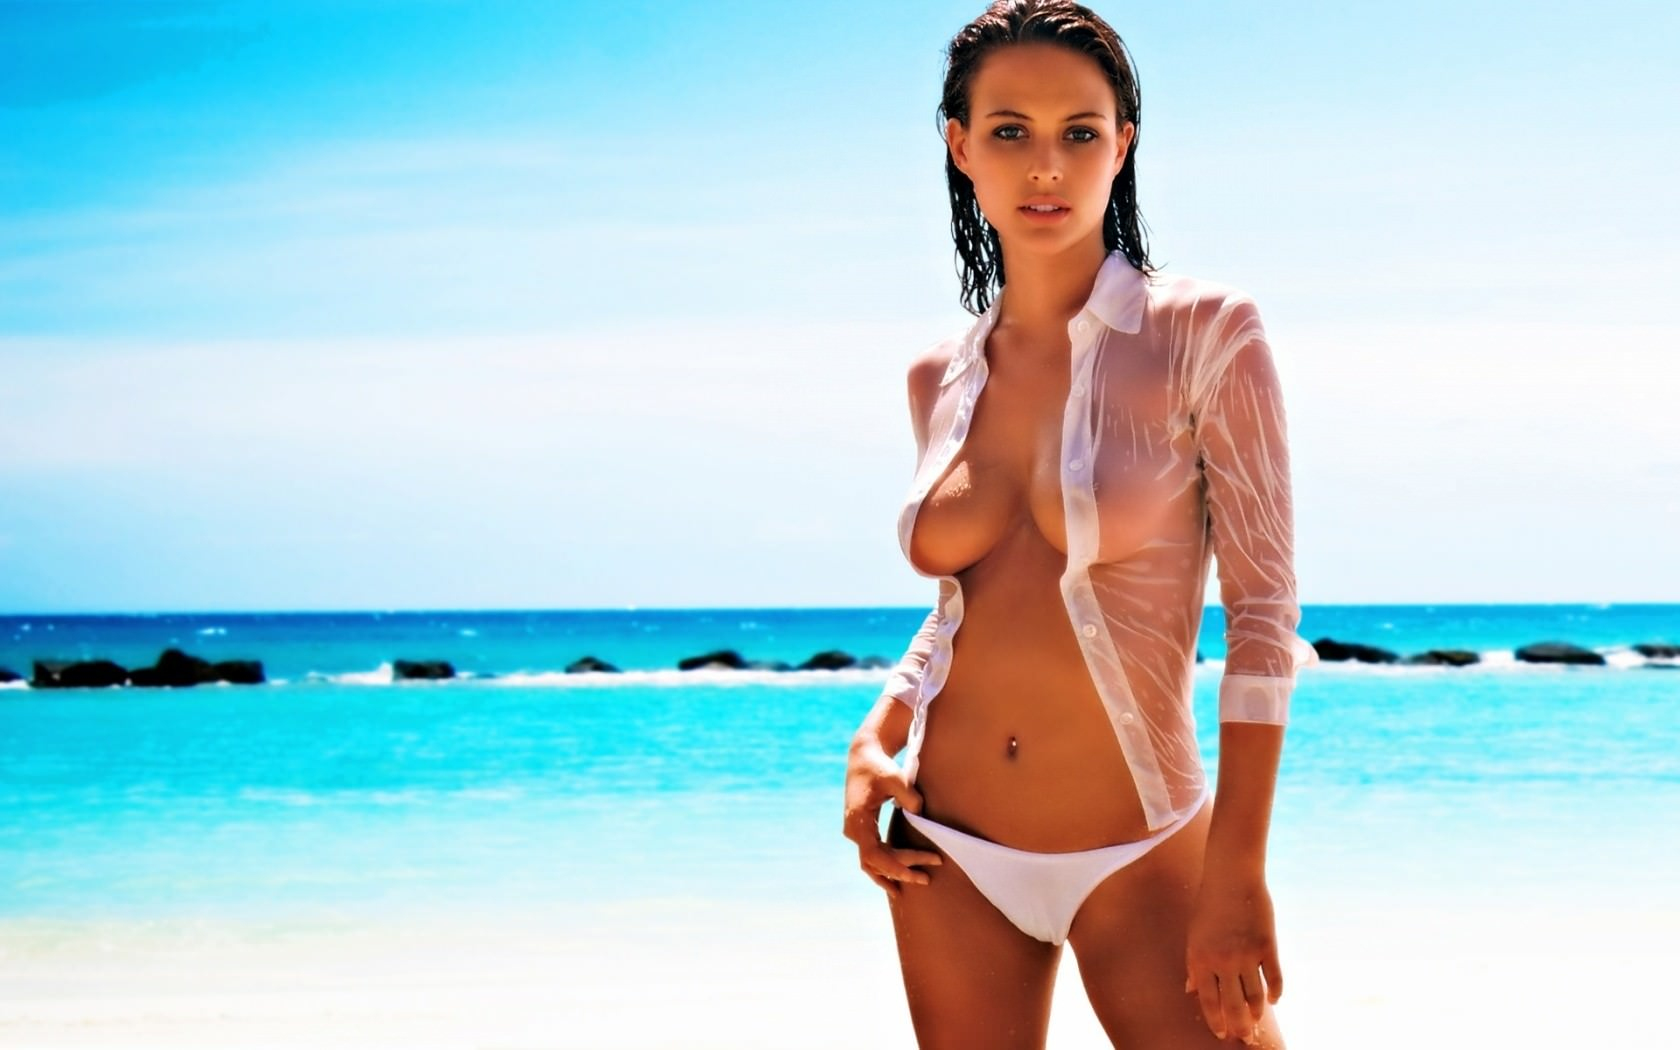 Самые красивые девушки на пляже 18 фотография